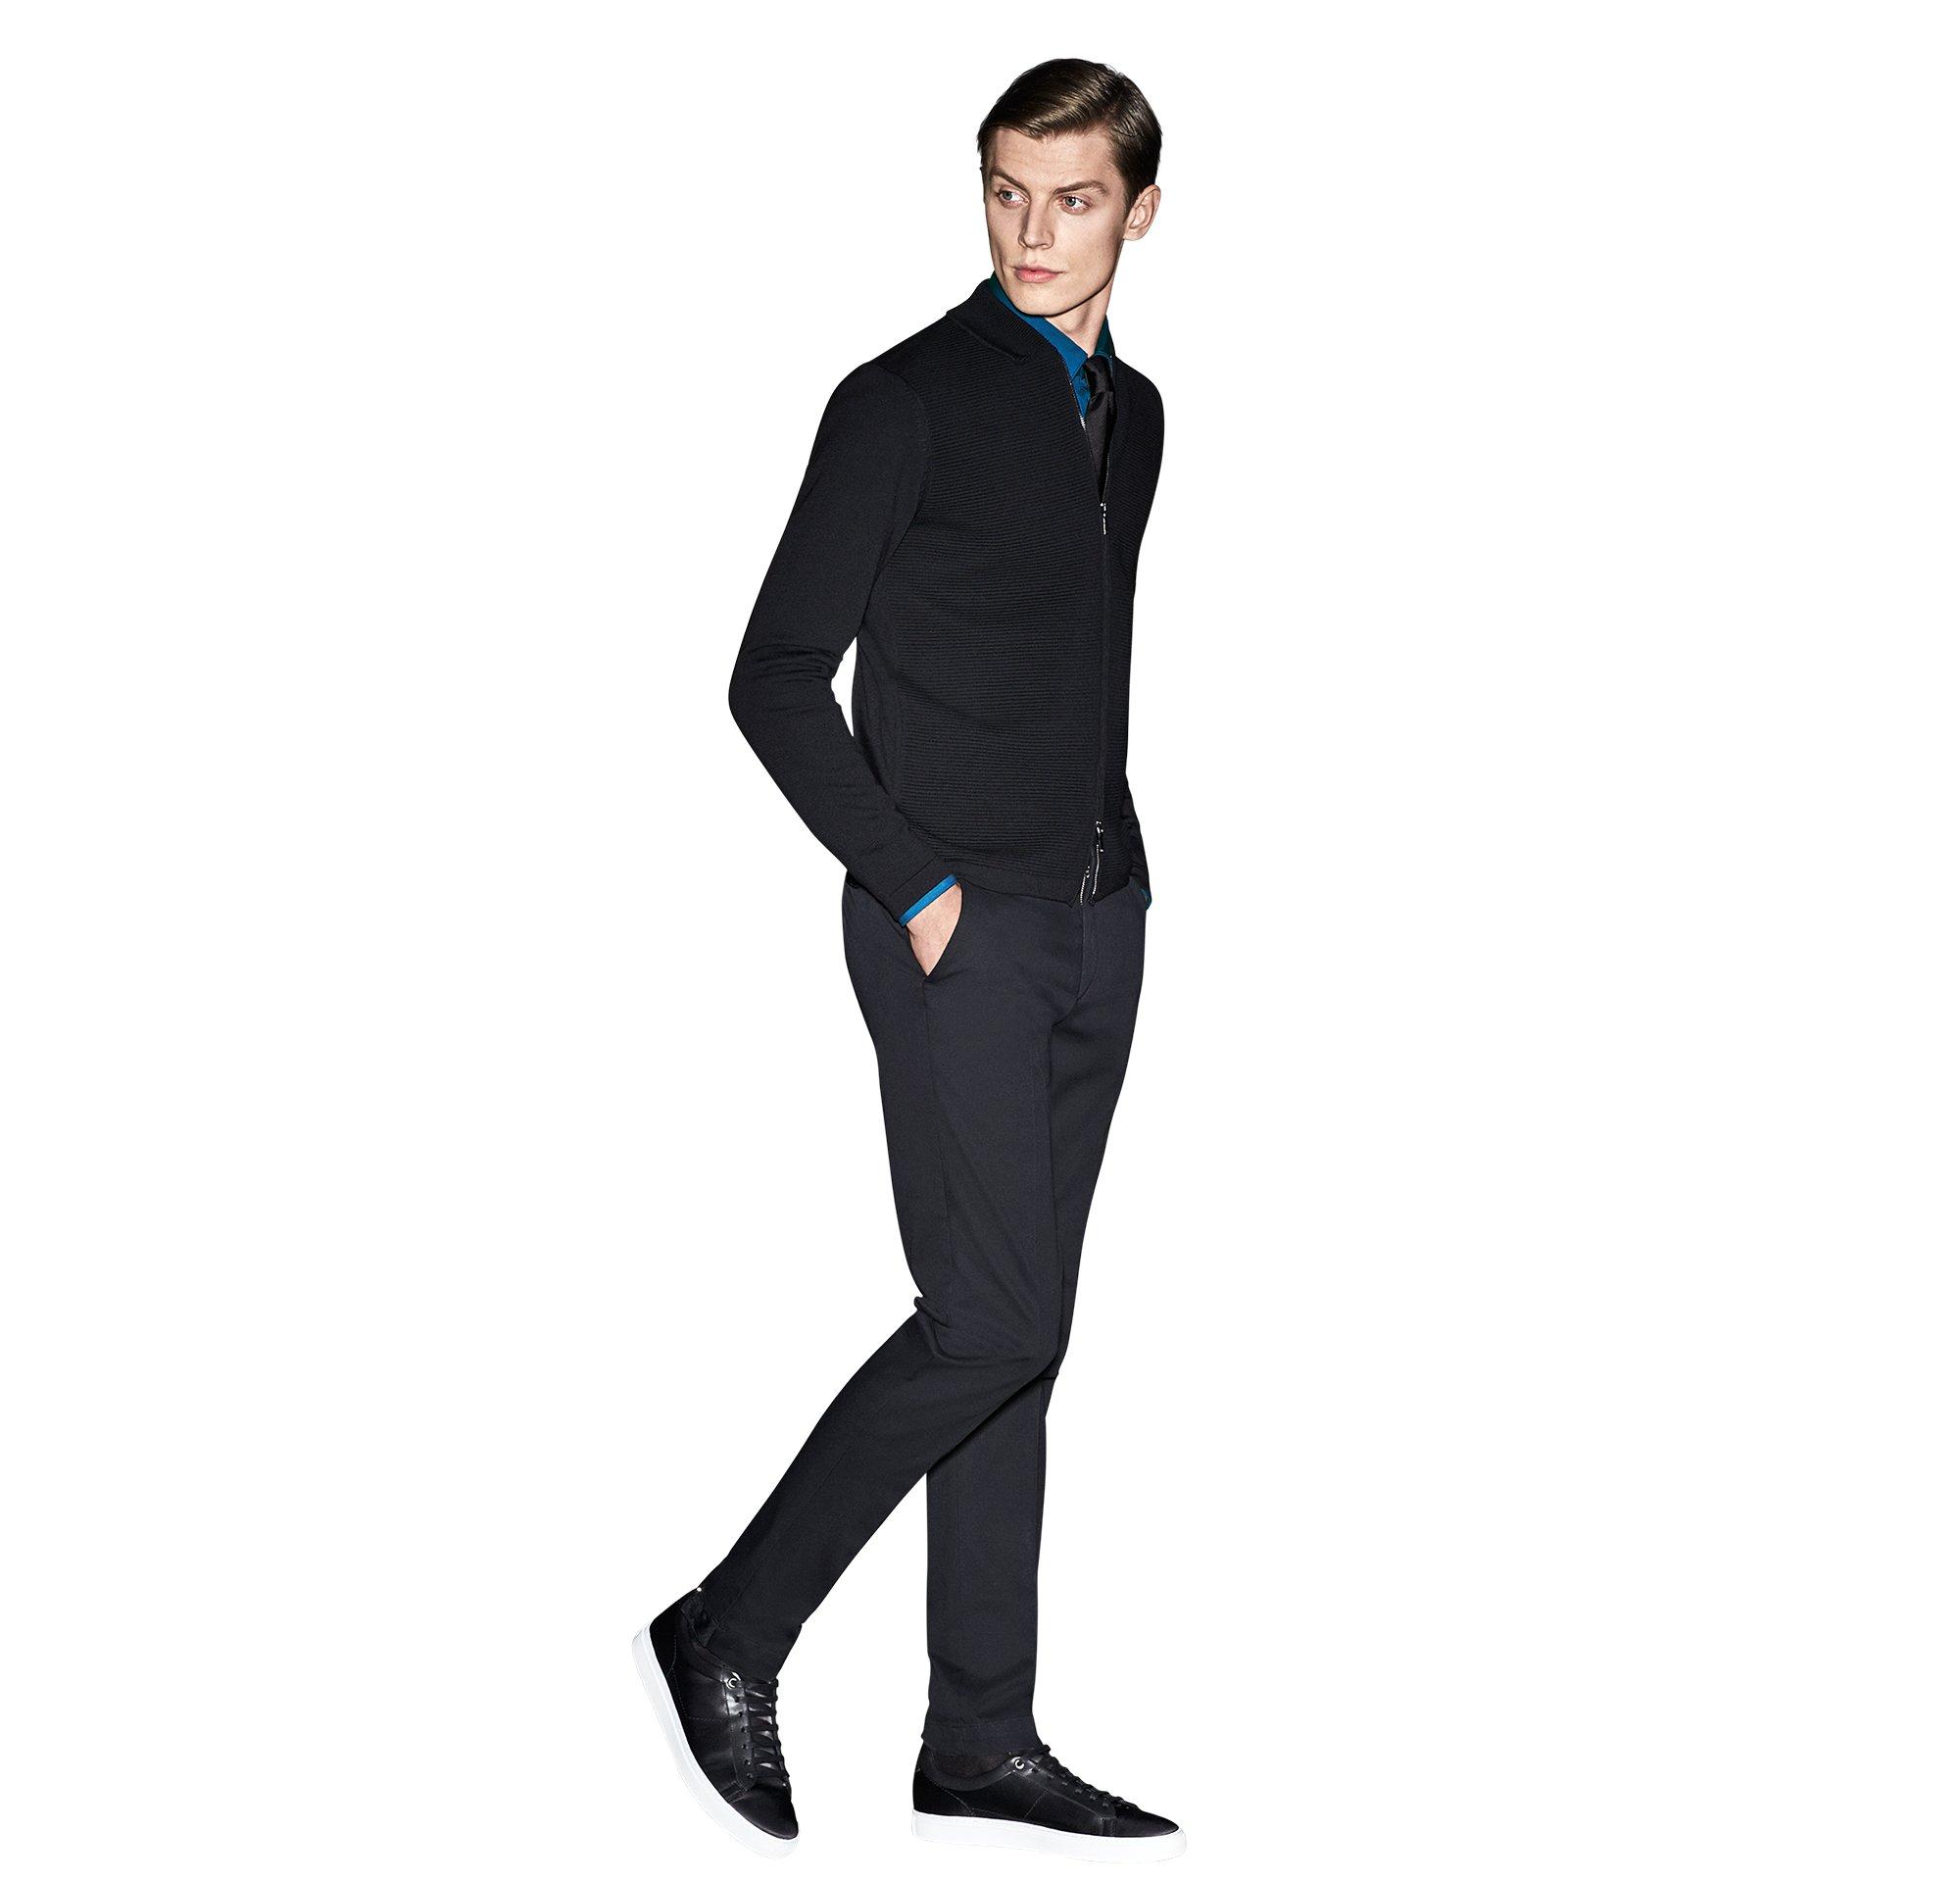 Zwart gebreid vest, blauw overhemd, zwarte broek van BOSS